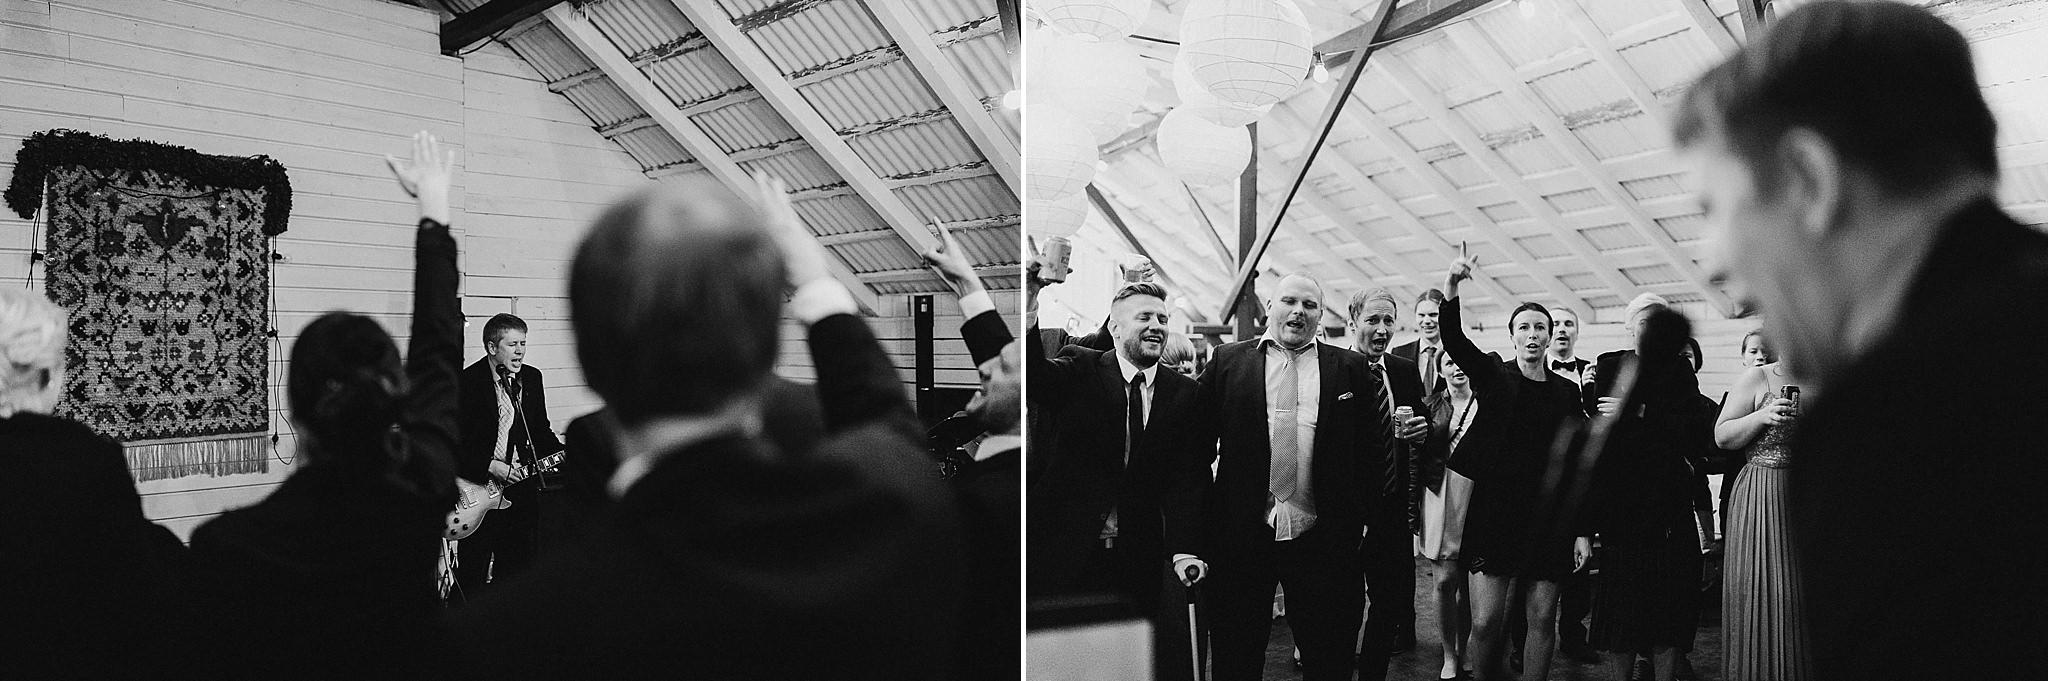 Haakuvaus_wedding_jyvaskyla_muurame_tuomiston_tila_0122.jpg